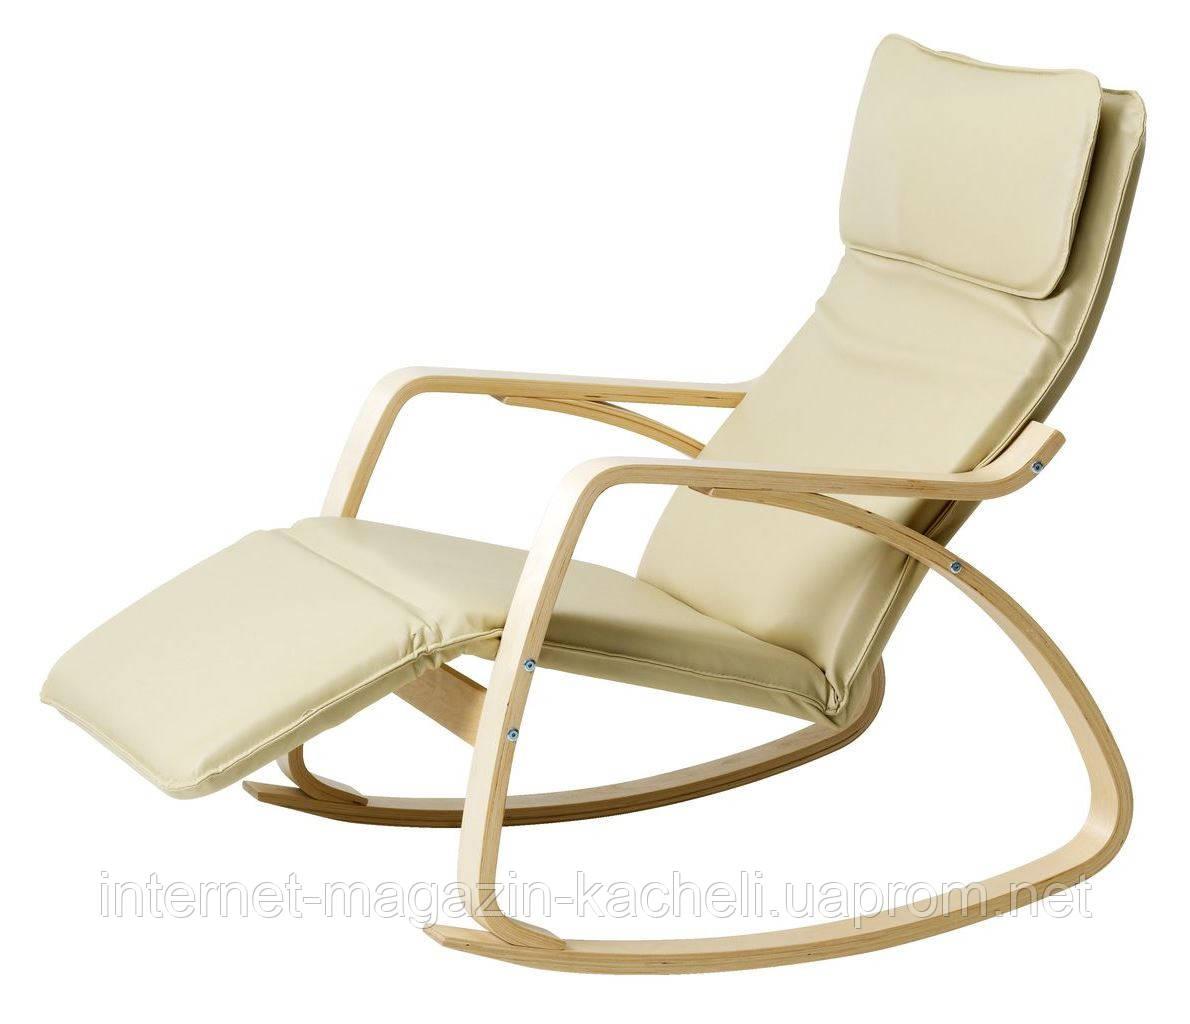 Кресло качалка с подставкой для ног